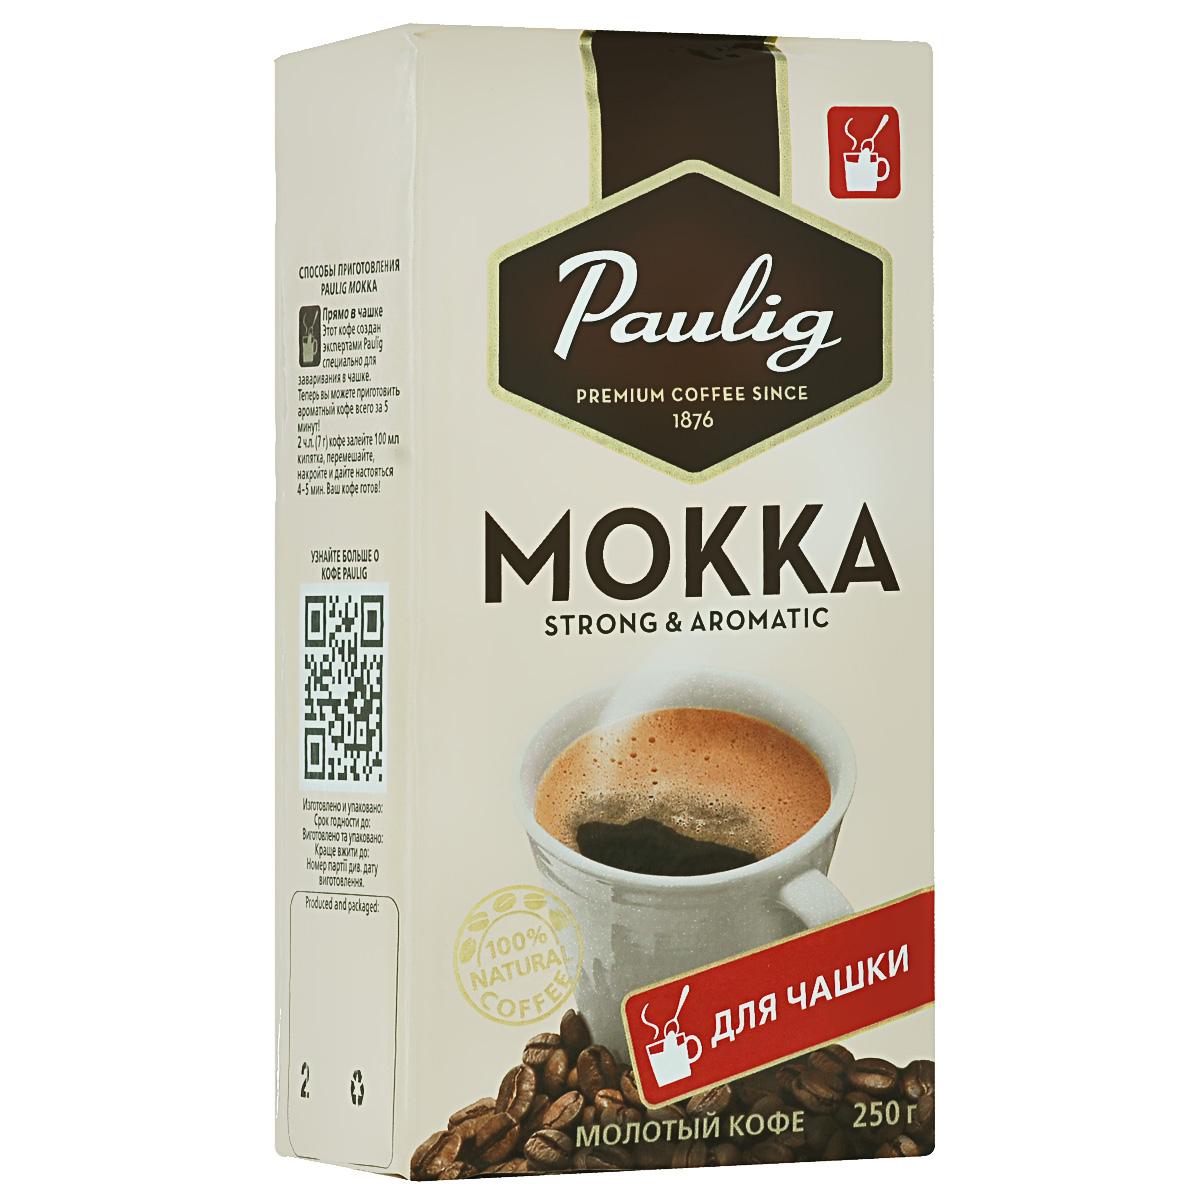 Paulig Mokka кофе молотый для заваривания в чашке, 250 г16672/16335Крепкий и ароматный кофе, разработанный с учетом предпочтений российского потребителя. Крепкий кофе на каждый день, с выраженным бодрящим эффектом.